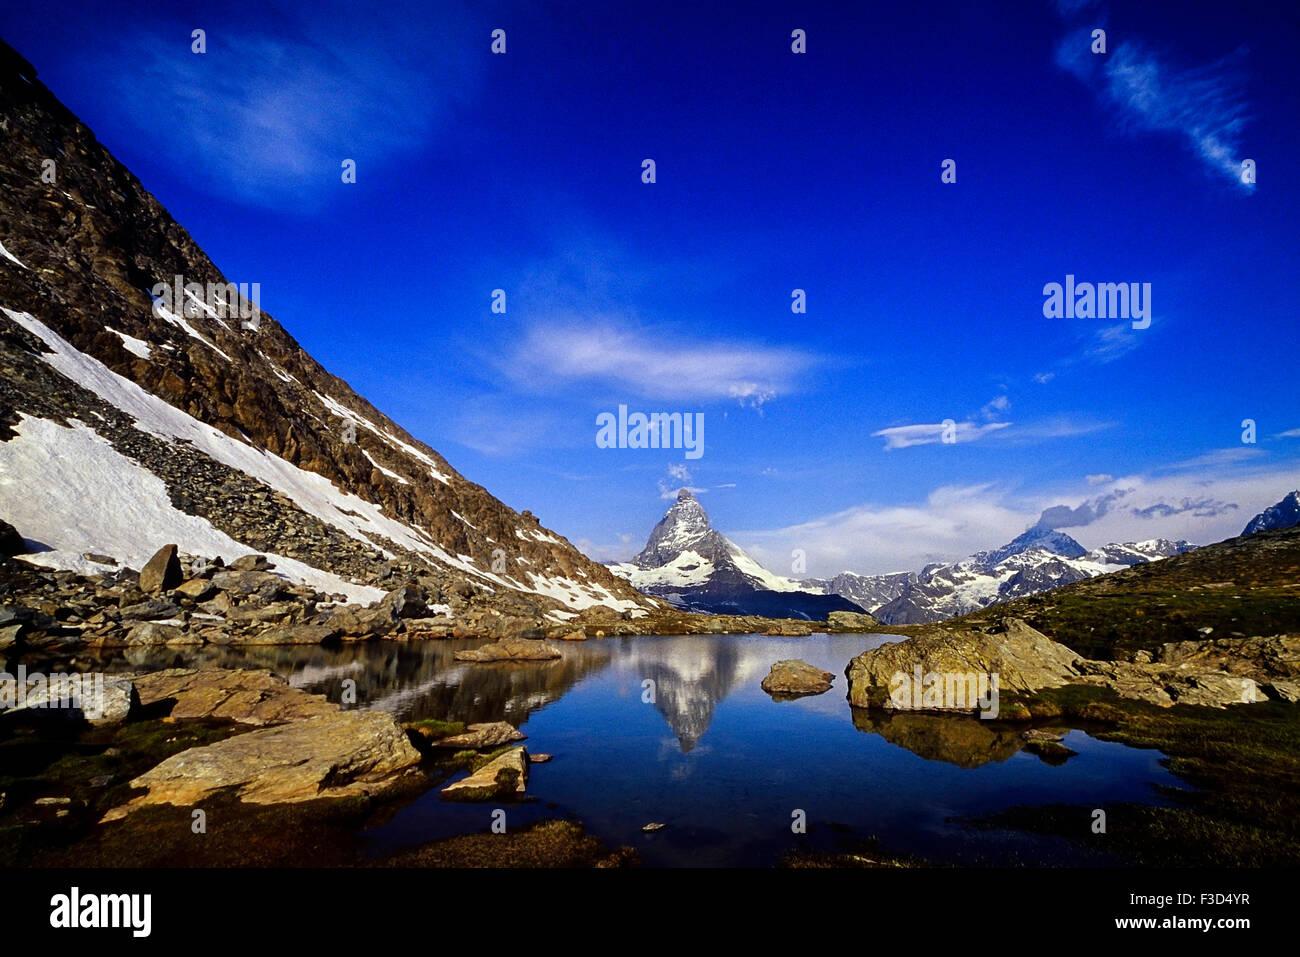 Das Matterhorn spiegelt sich in einem Bergsee oberhalb von Zermatt. Schweiz. Europa Stockbild